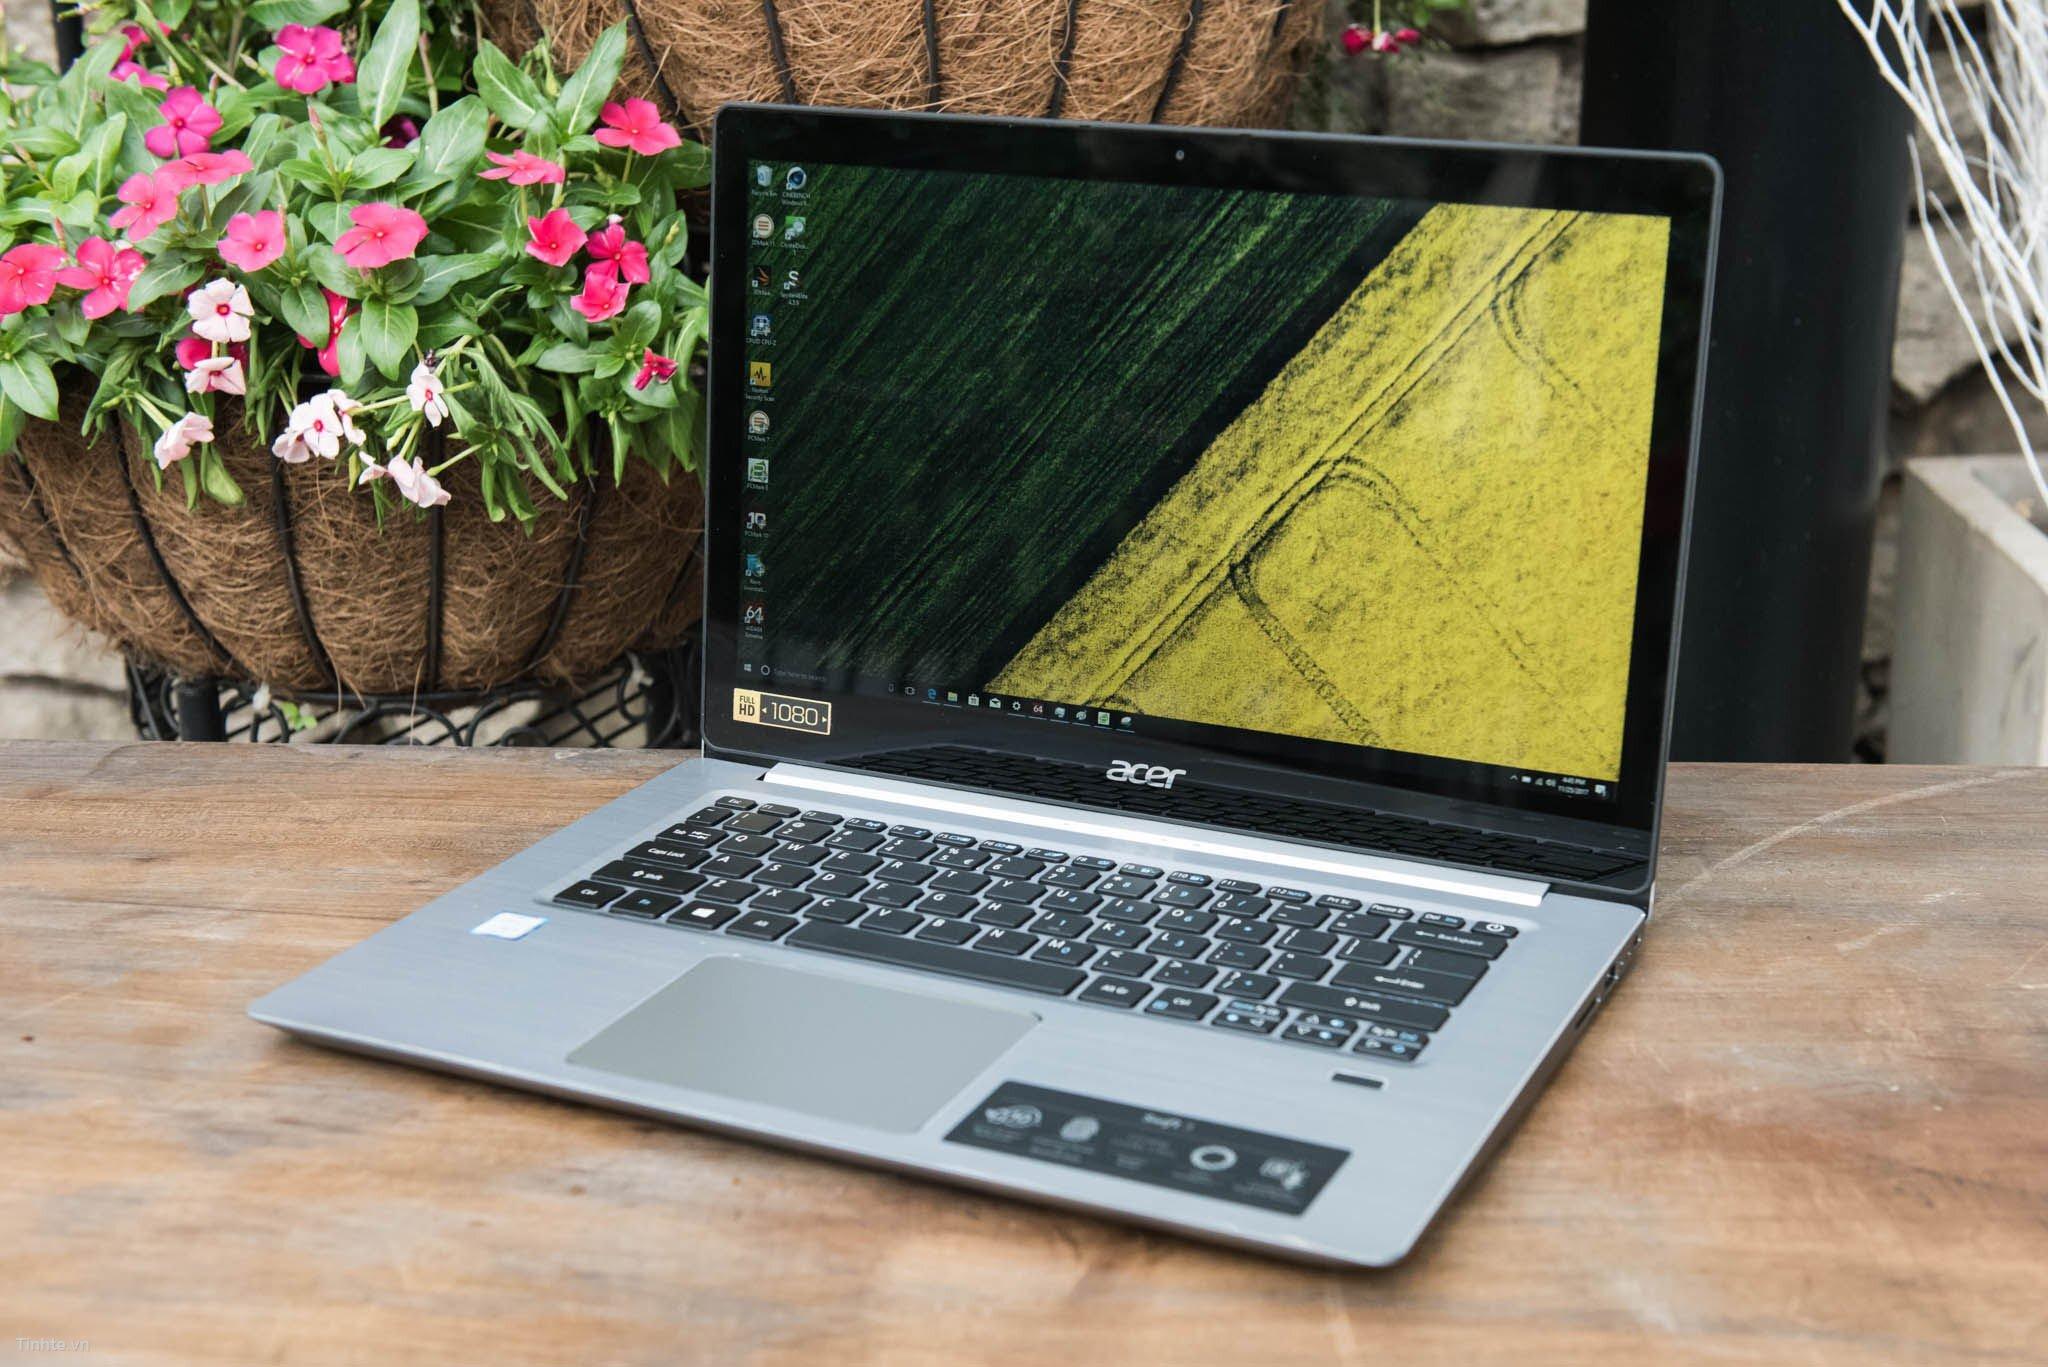 Thiết kế vỏ nhôm nguyên khối siêu nhẹ cùng chip Intel i7 giúp máy sử dụng đa tab vụ dễ dàng hơn